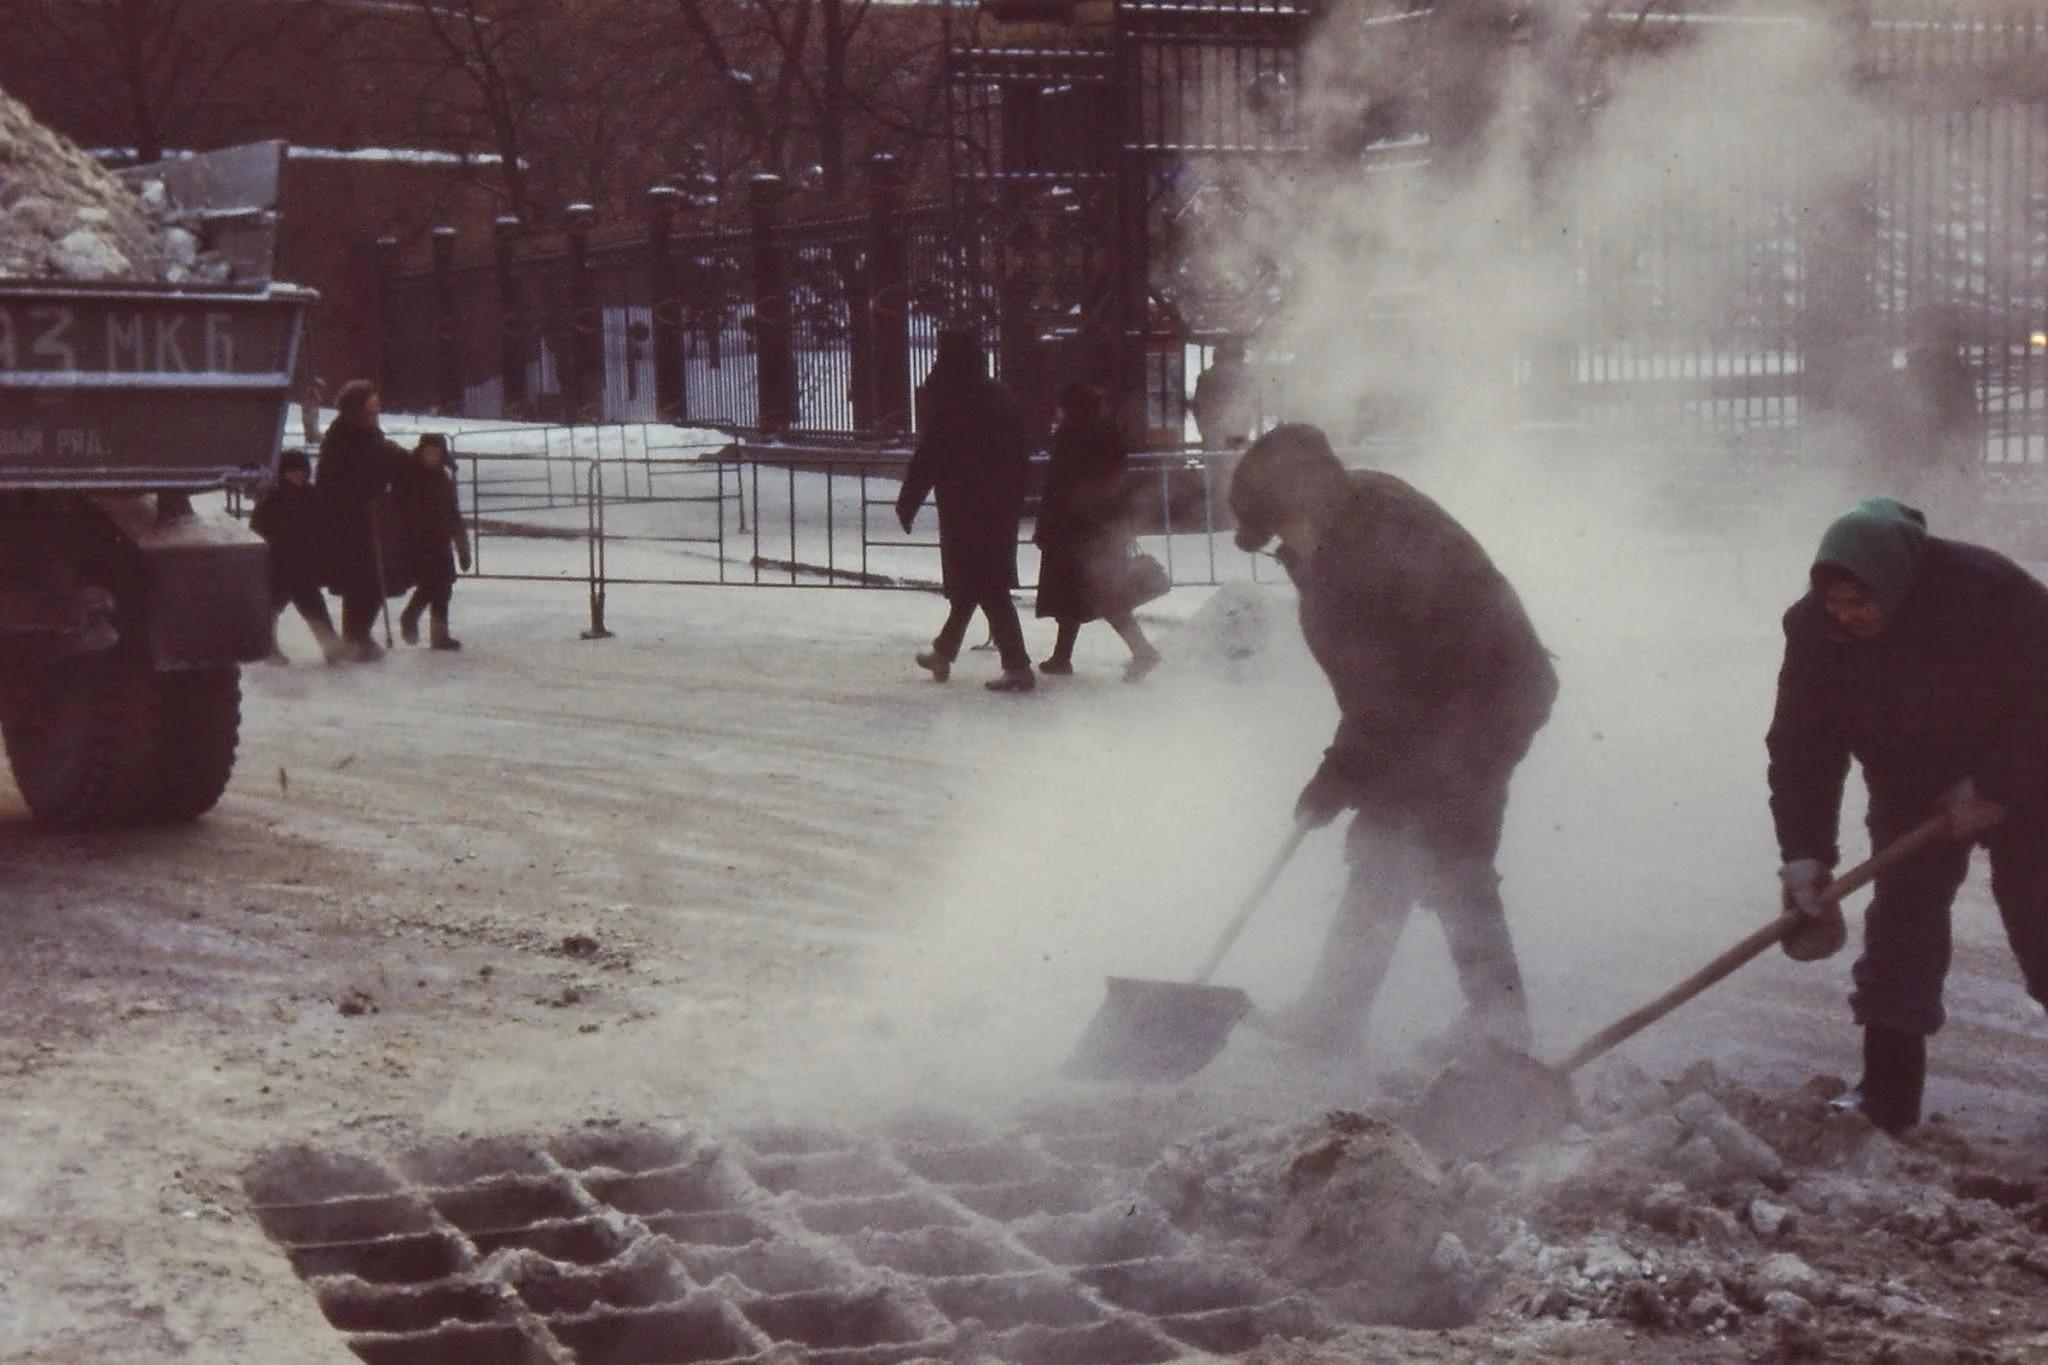 Проспект Карла Маркса. Снег сбрасывают в подземную реку Неглинку. В течение дня было минус 25, а ночью минус 35